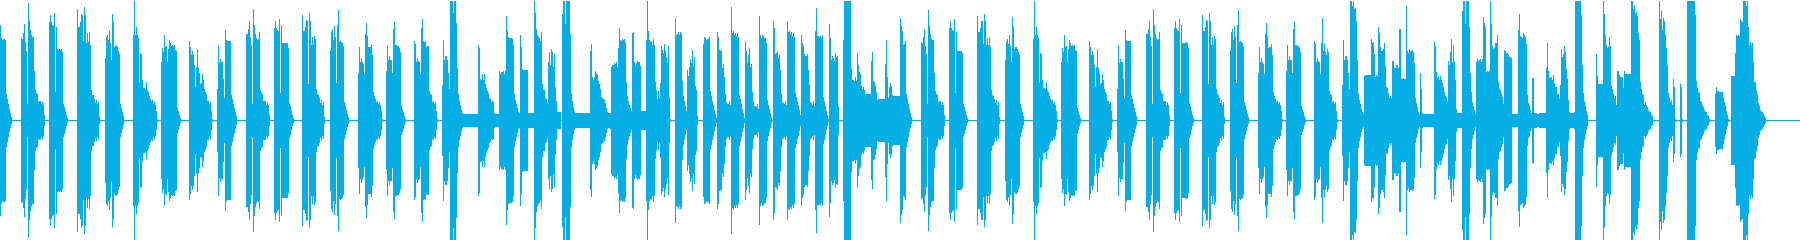 チップチューンのほのぼのBGMの再生済みの波形